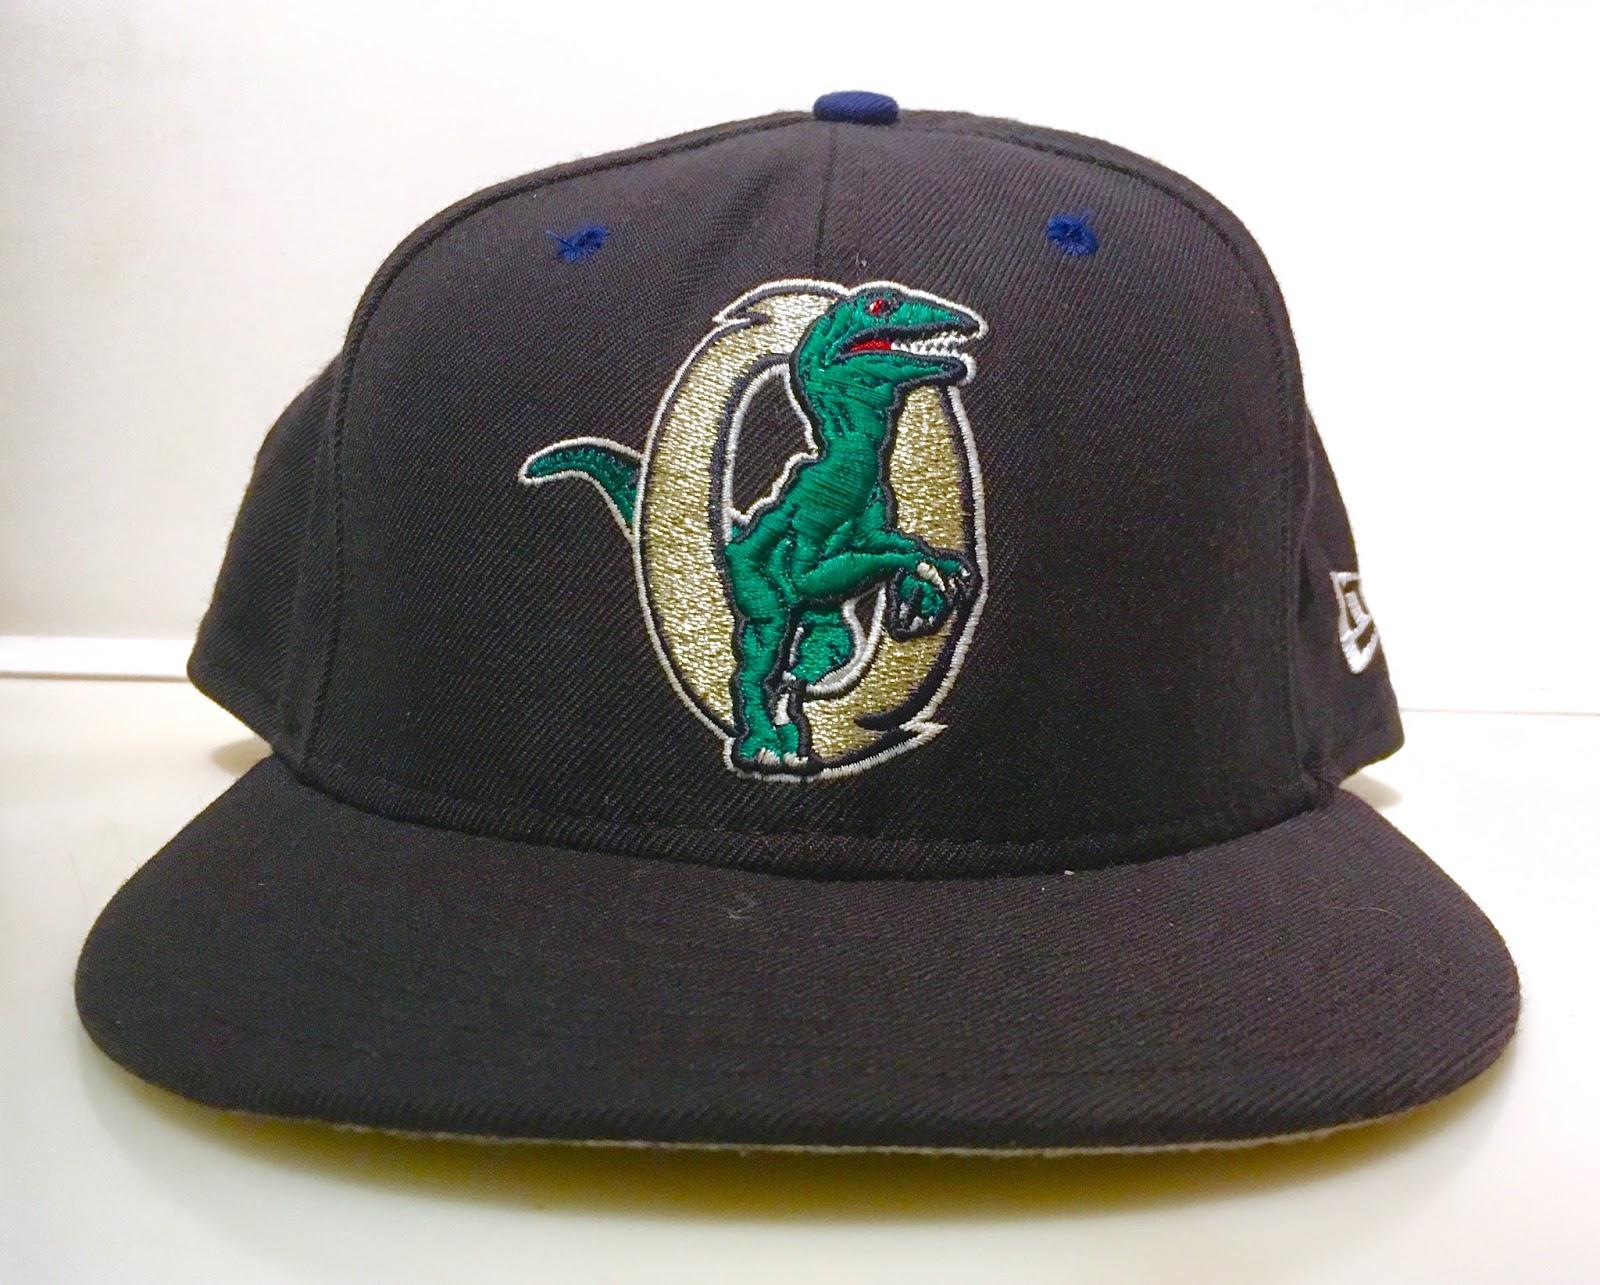 When the Ogden Raptors cap logo debuted in 1994 b56deb670d3f